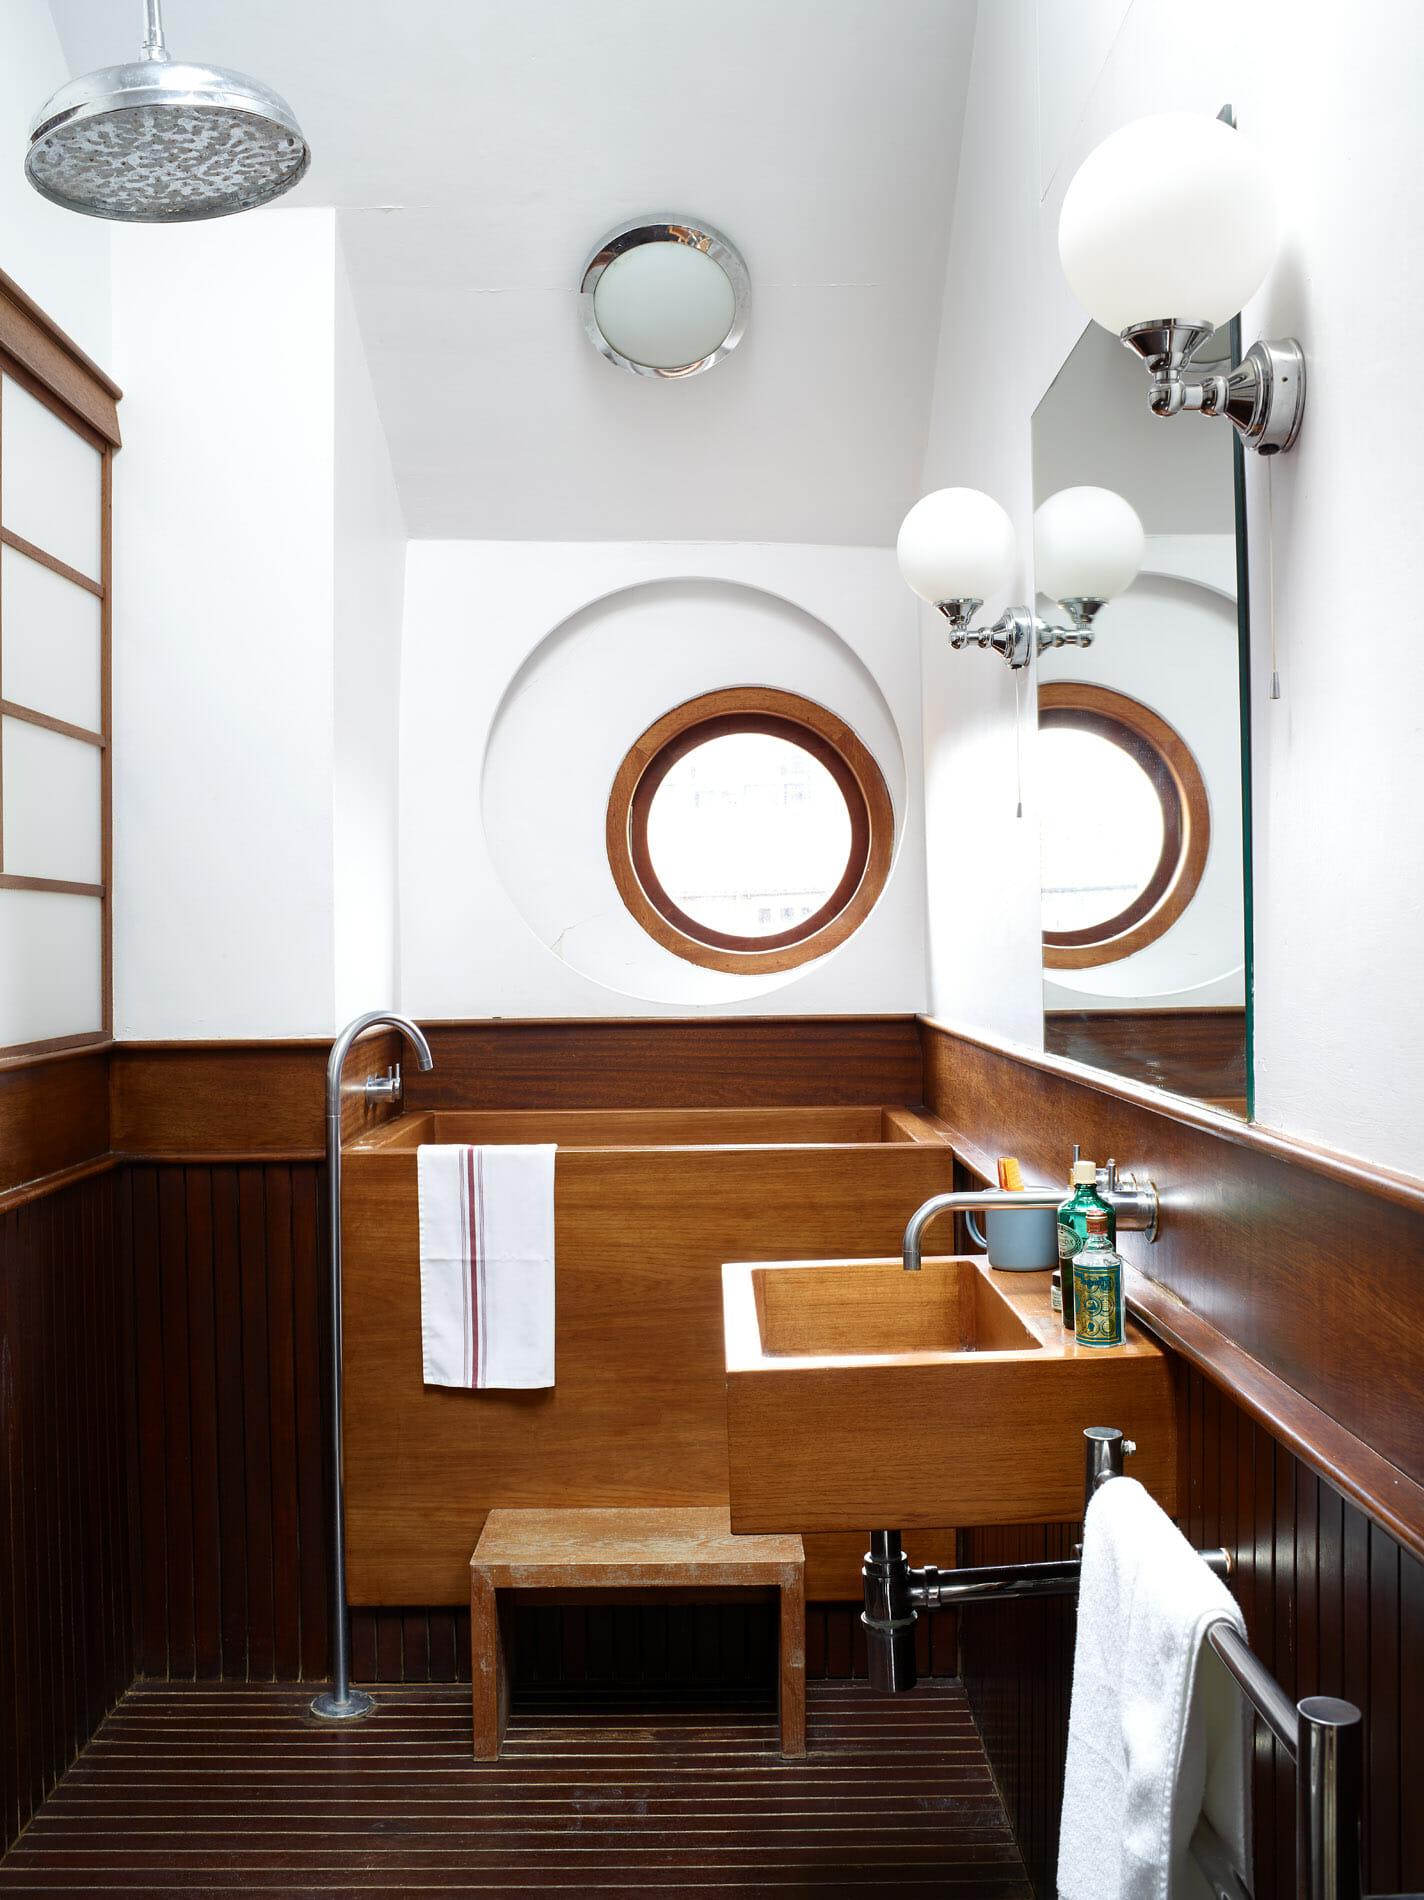 rachael-smith-interiors-14122019-107-1